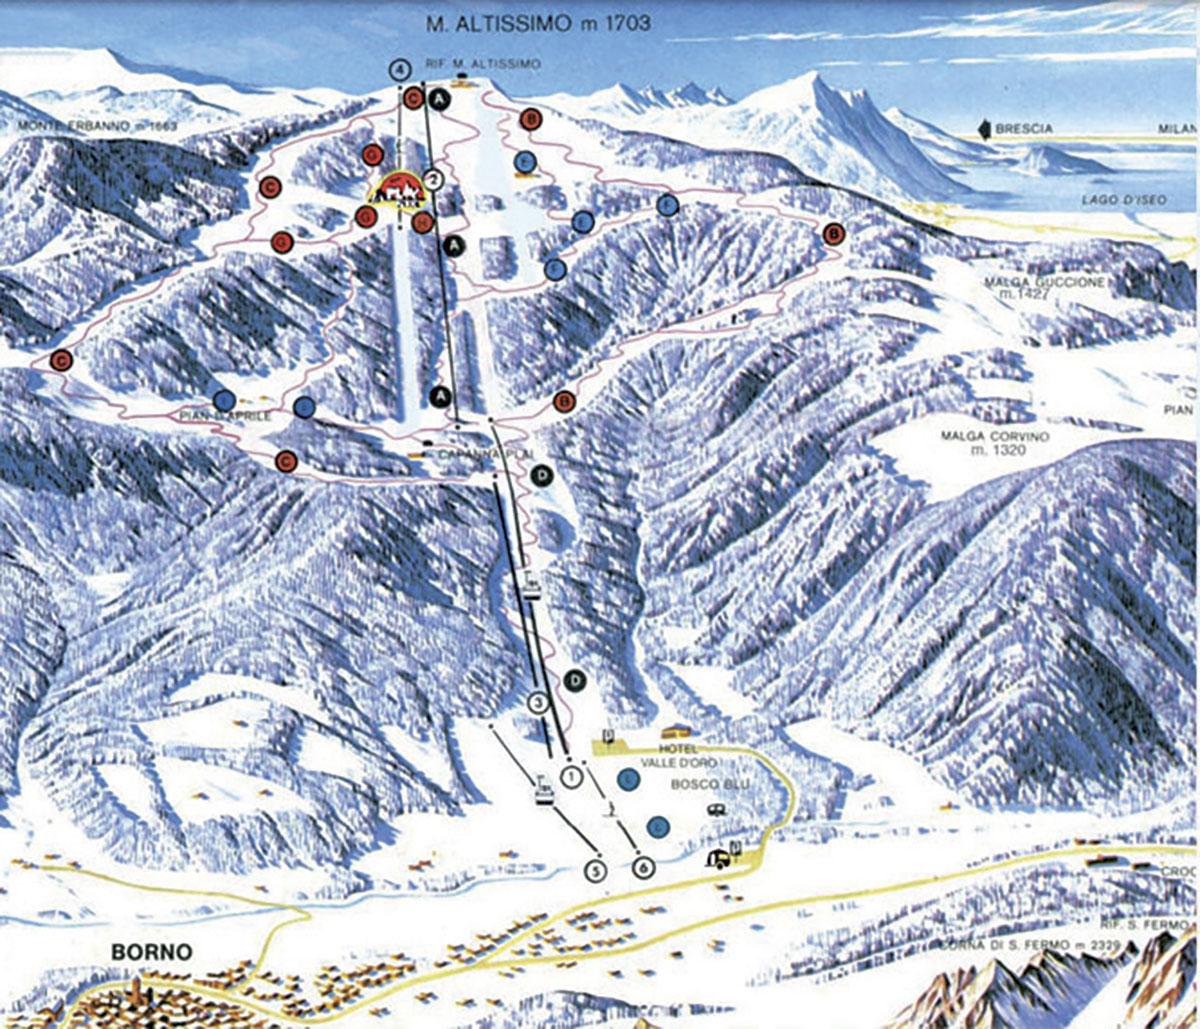 Borno - Monte Altissimo - Val Camonica